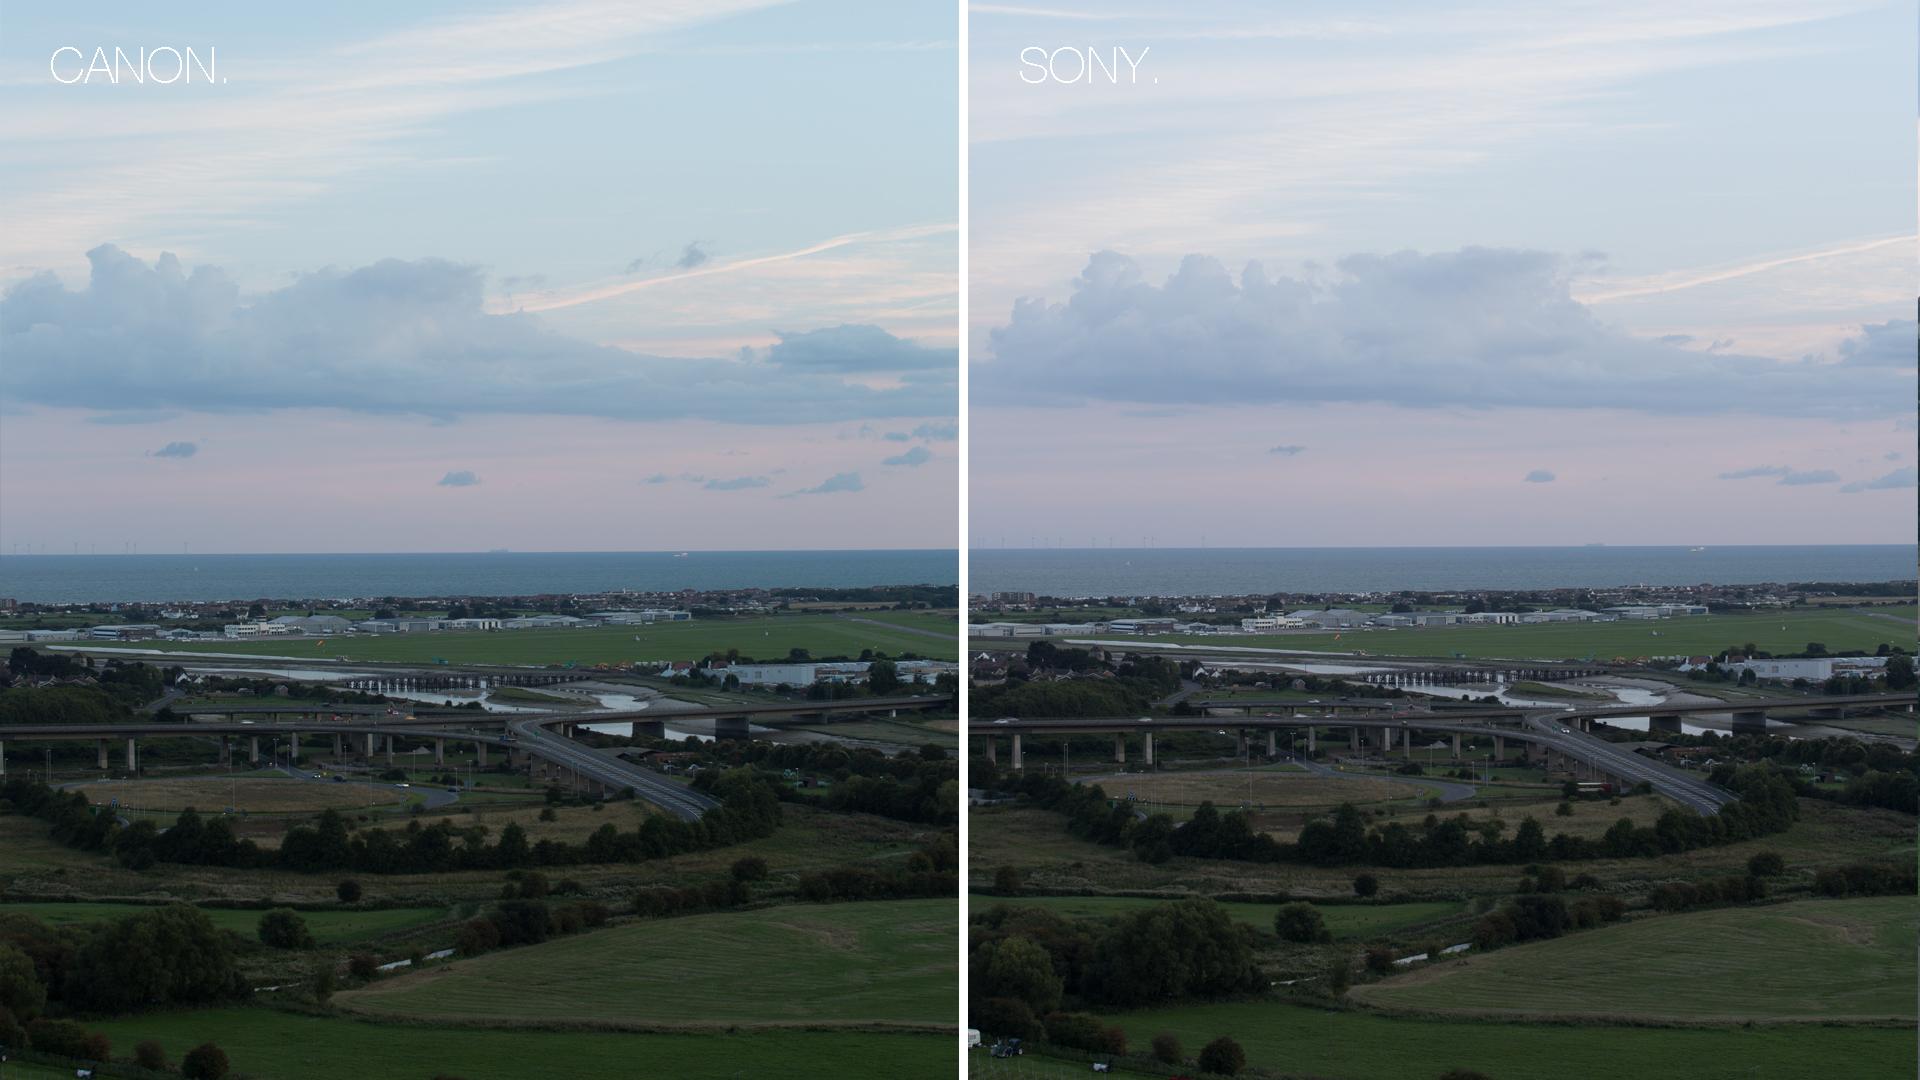 Canon vs Sony comparison 5